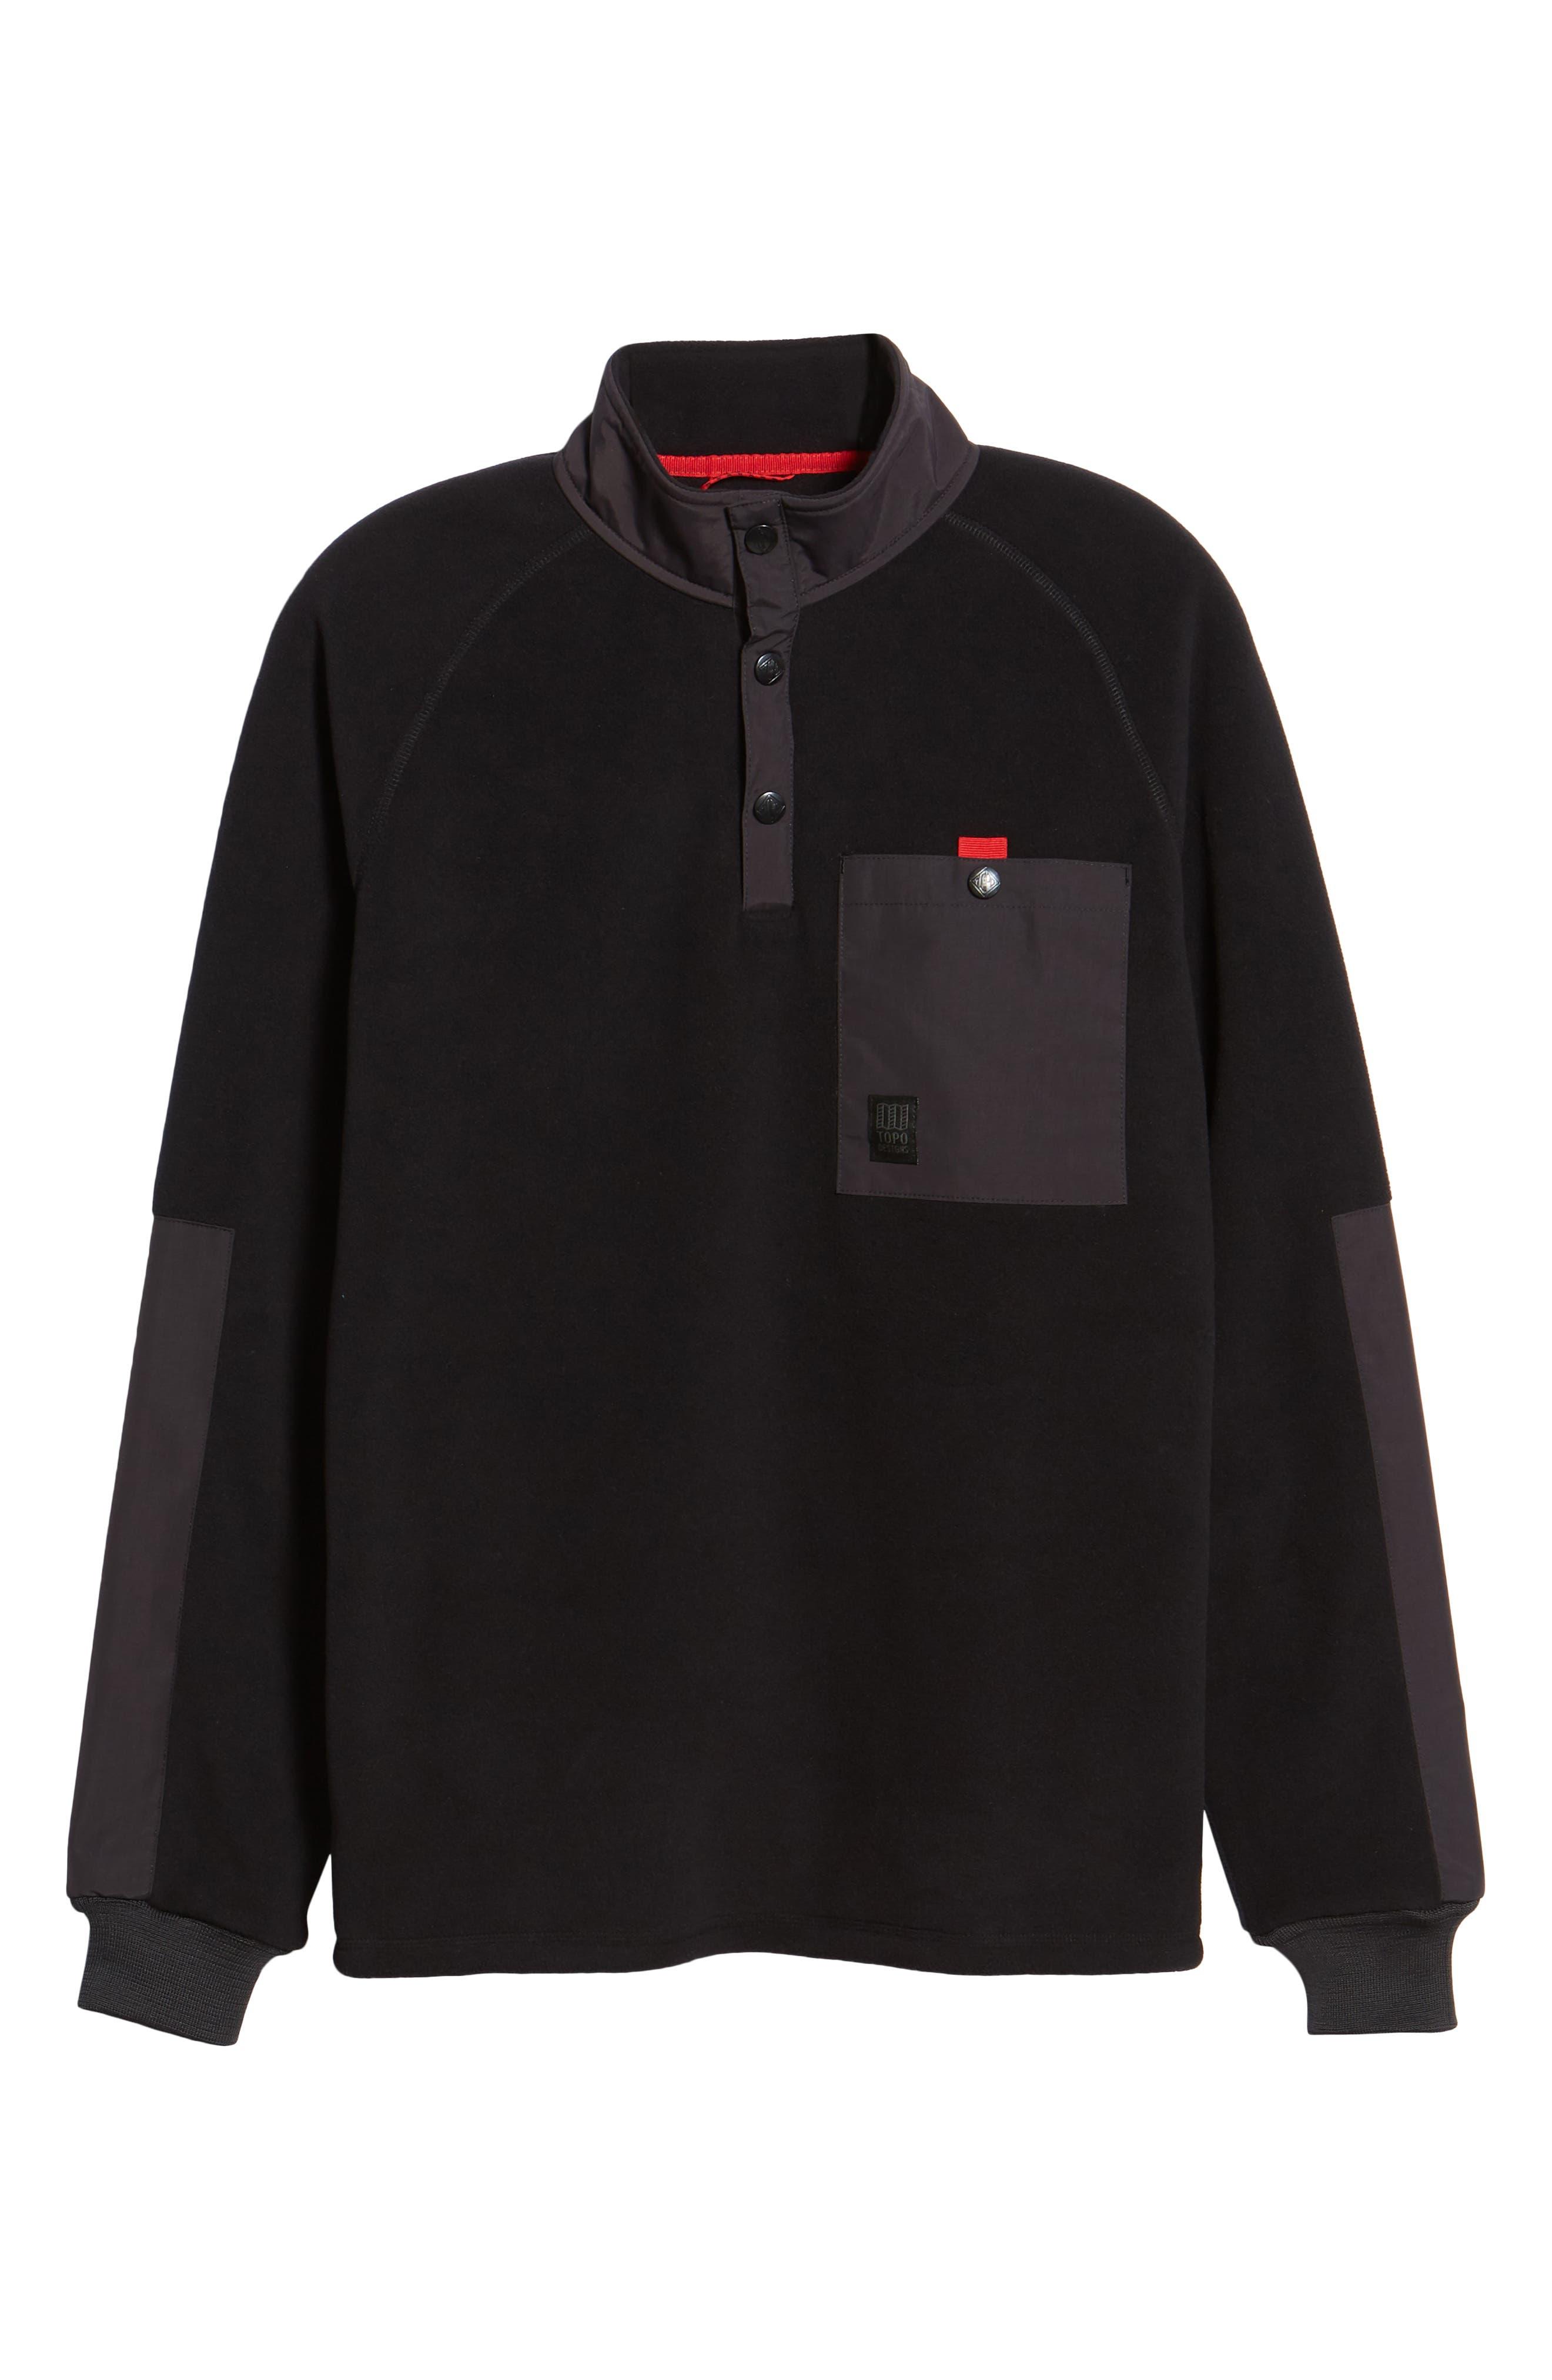 Mountain Fleece Pullover,                             Alternate thumbnail 6, color,                             BLACK